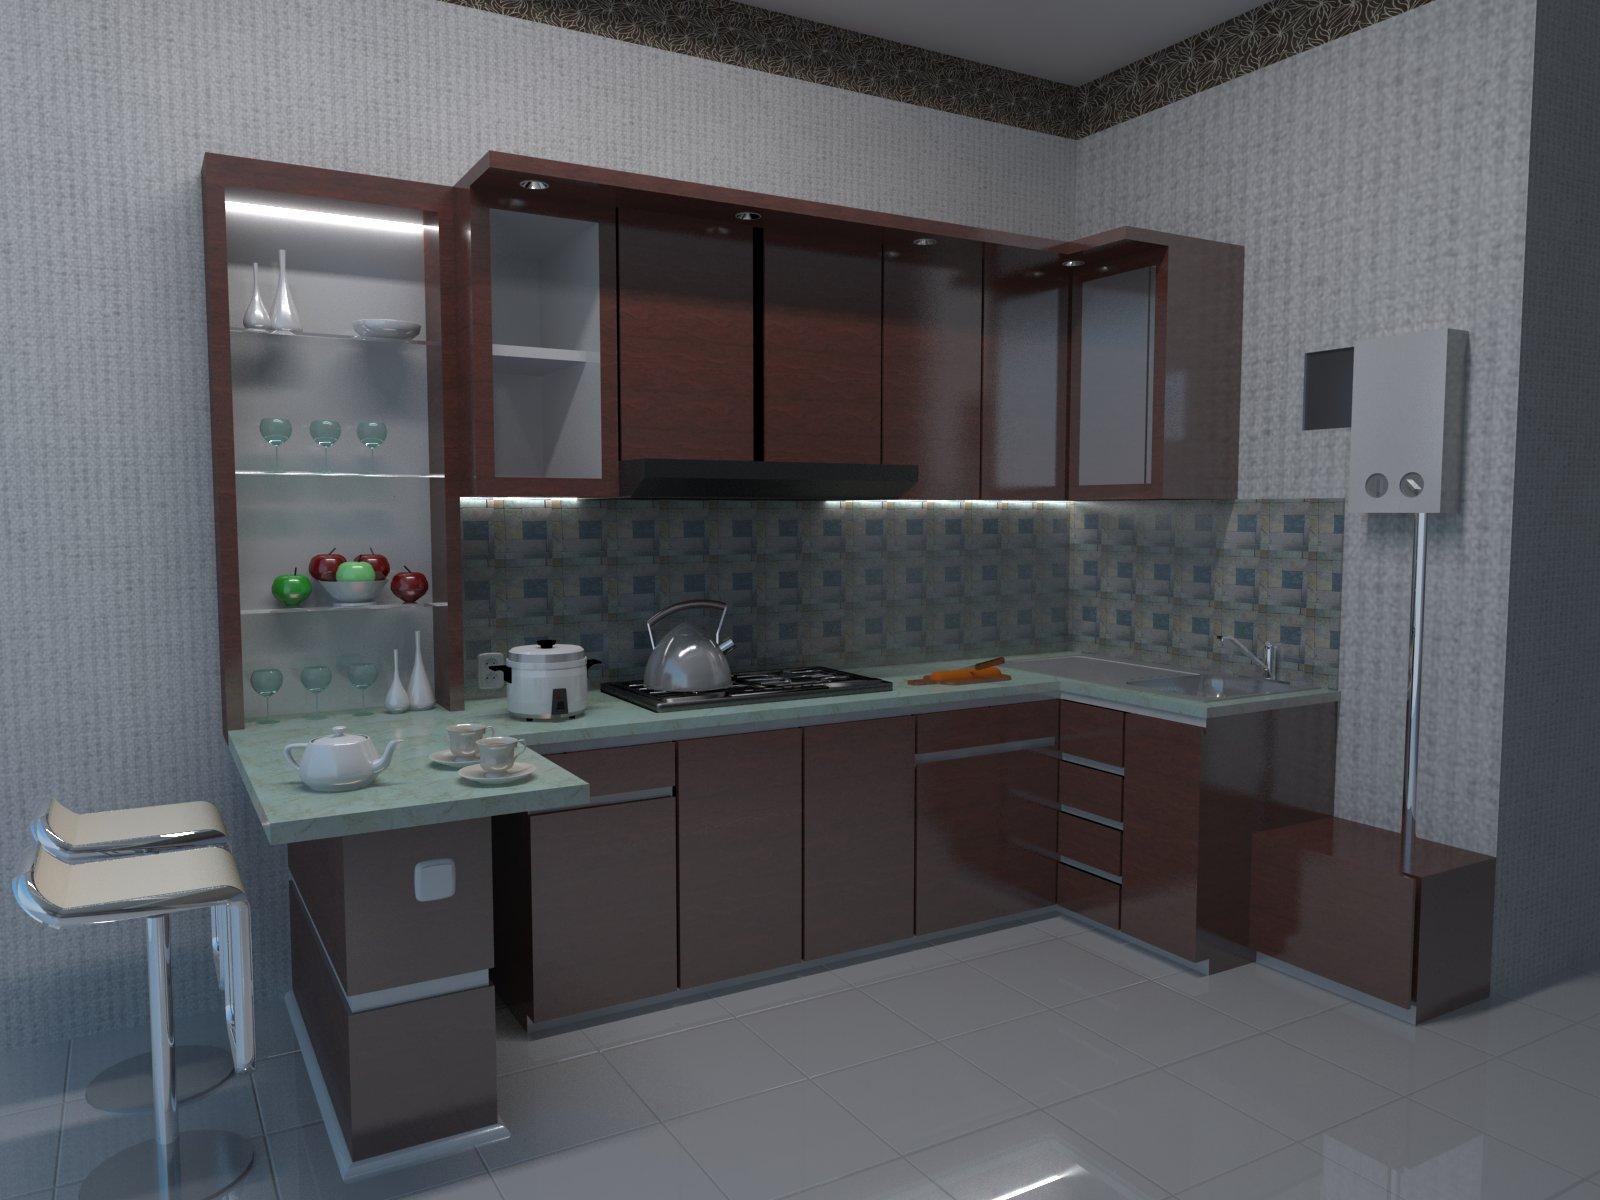 Desain Kitchen Set Ibu Iqoh Jl Ahmad Yani Bogor Jawa